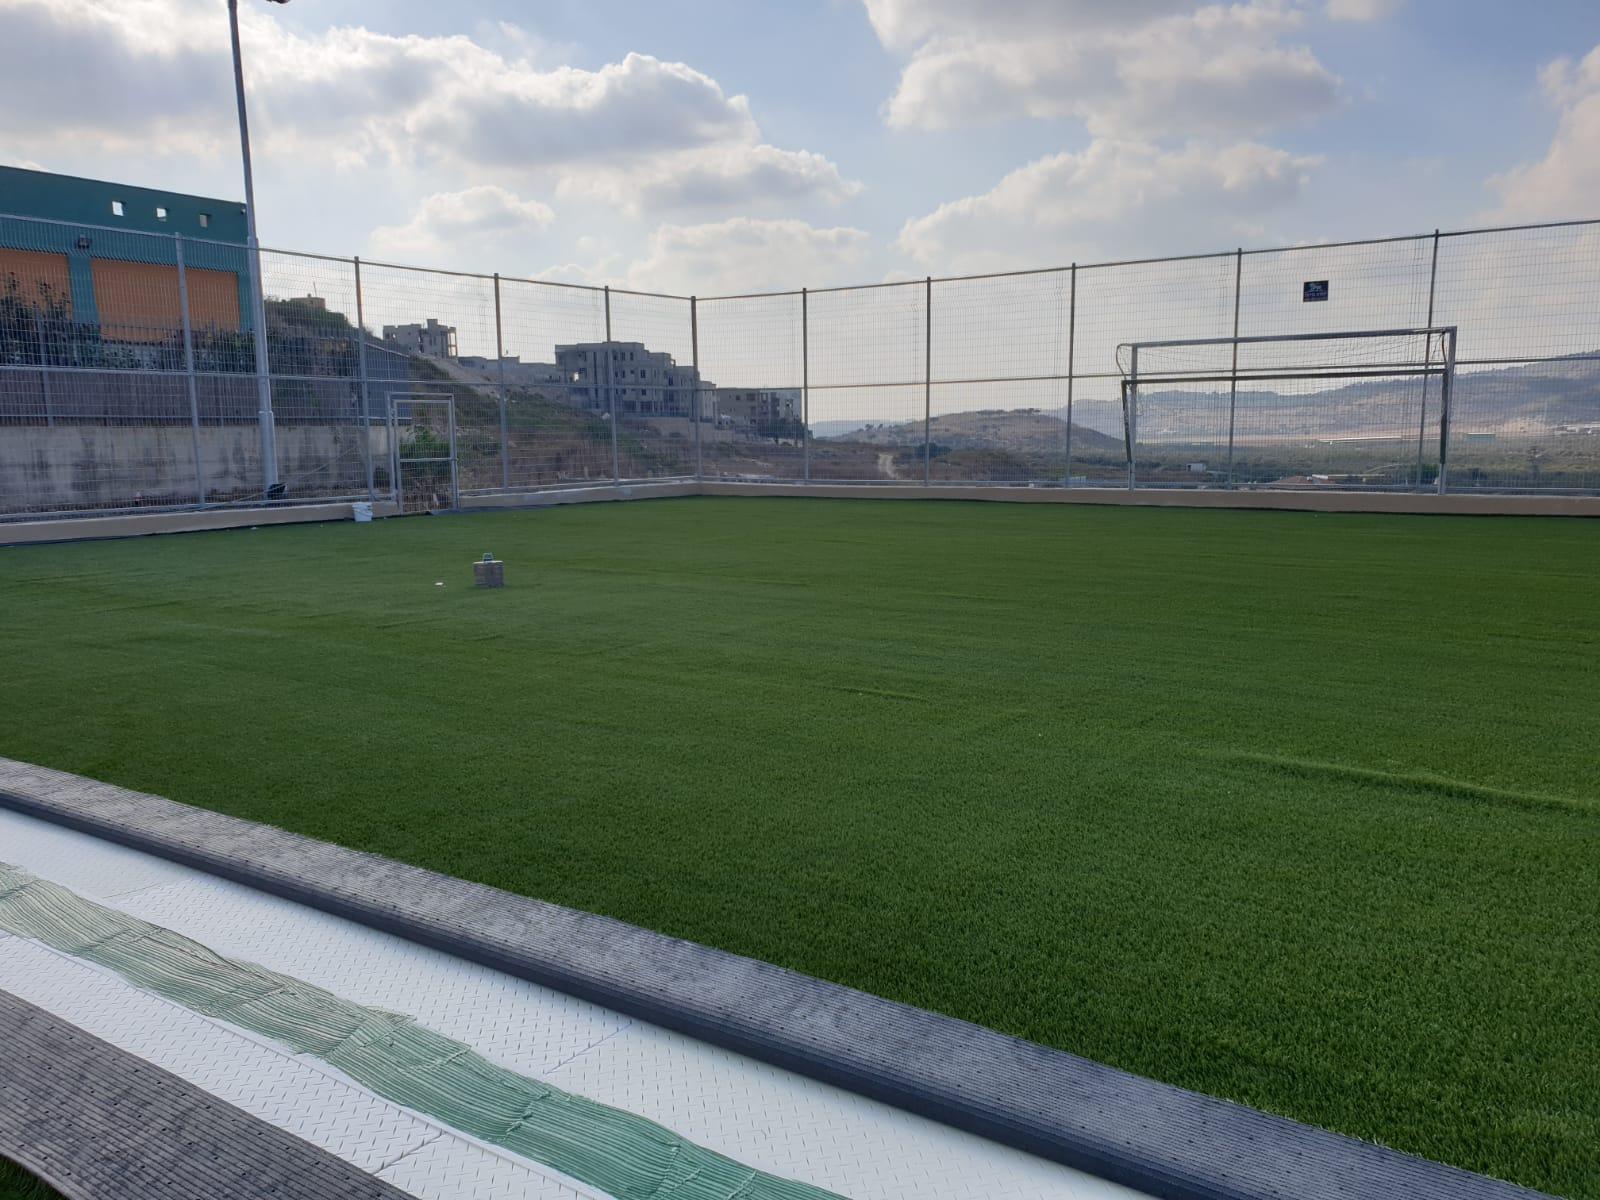 ملعب العشب الإصطناعي ( דשא סינטטי )  حسب مراحل تقدم العمل